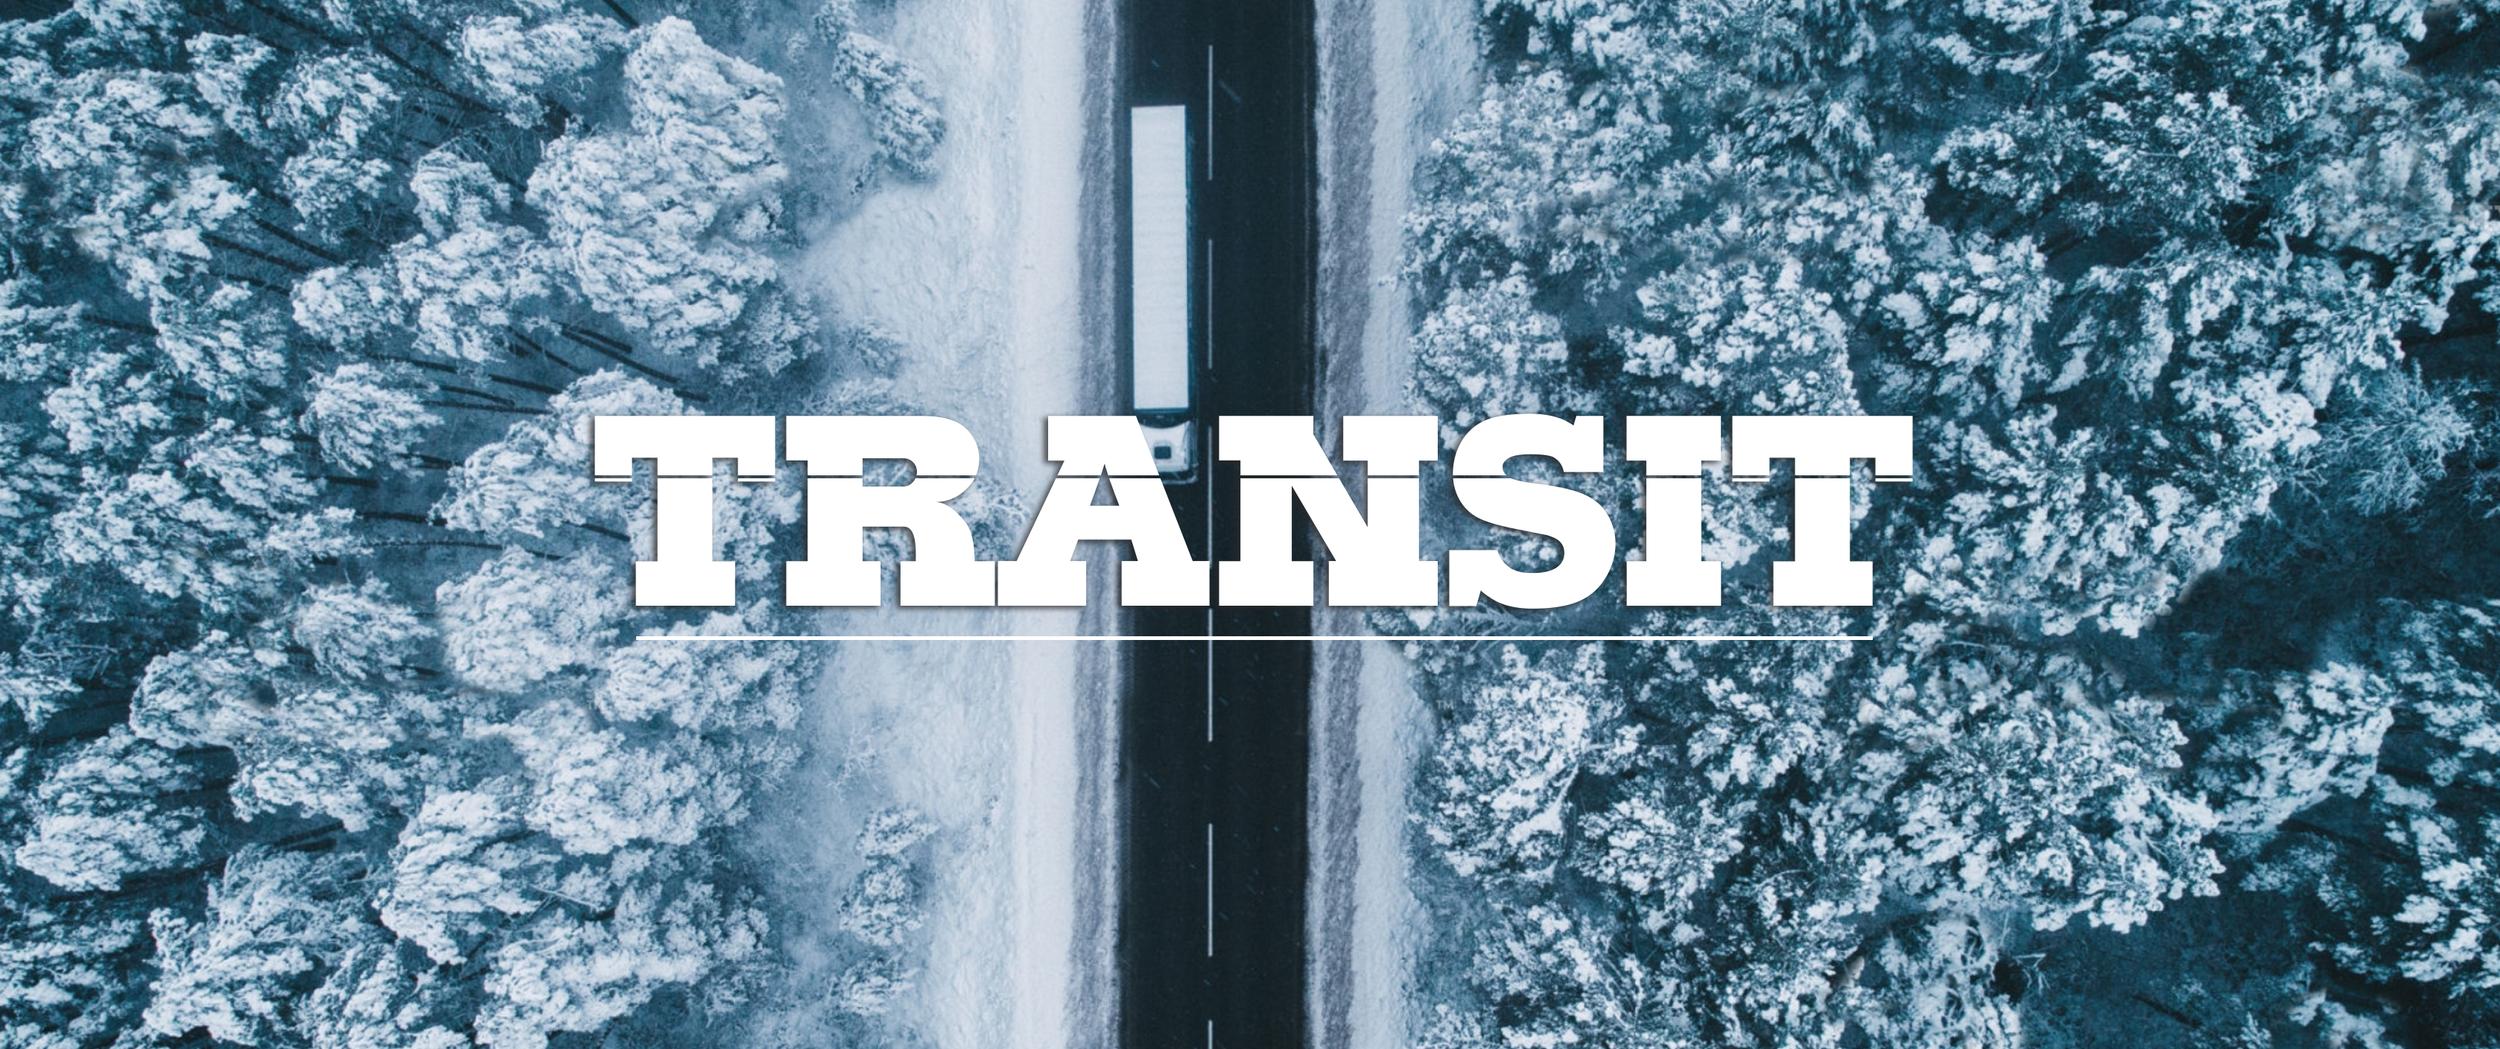 Transit-web.png